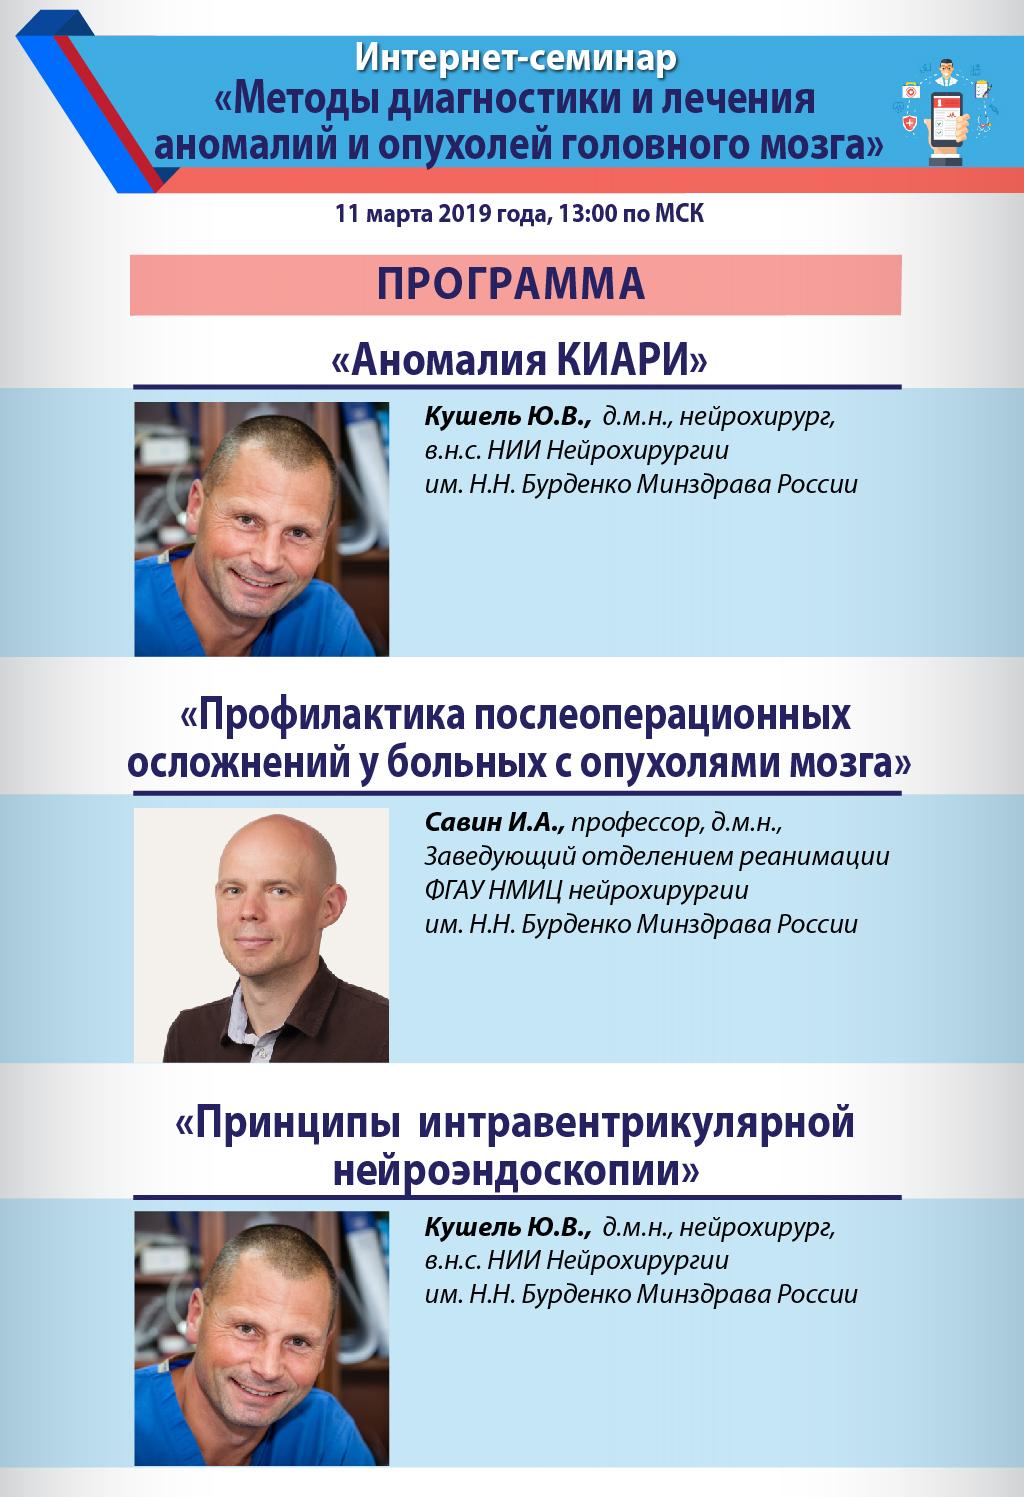 """Интернет-семинар """"Методы диагностики и лечения аномалий и опухолей головного мозга"""""""